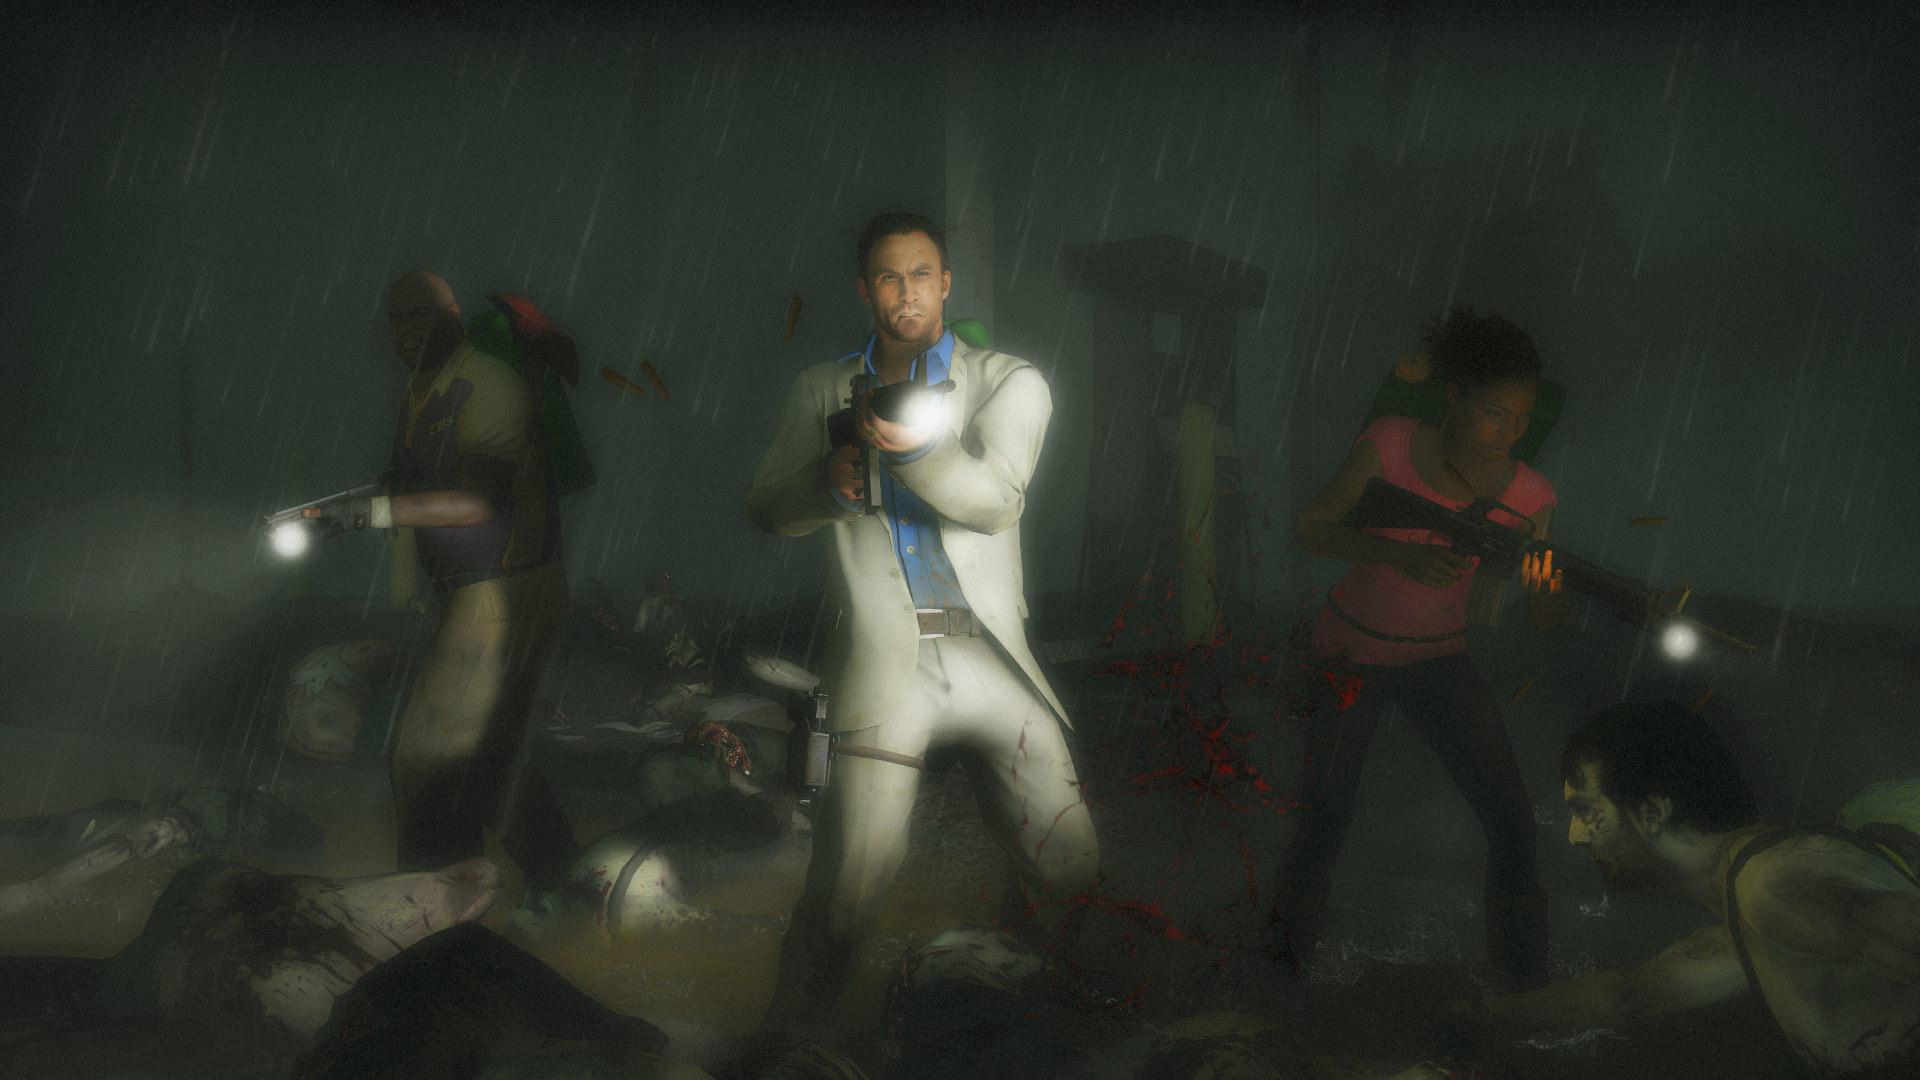 بازی-واقعیت-مجازی-Left-4-Dead